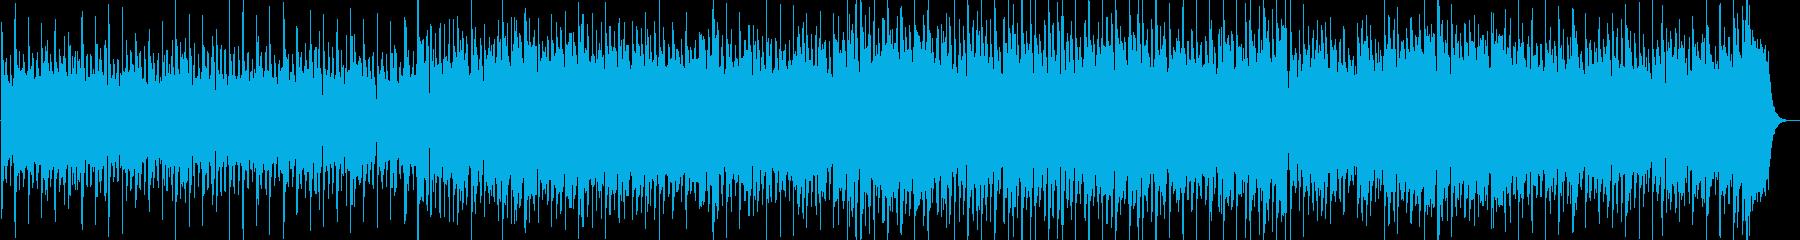 不気味で楽しいハロウィン風BGMの再生済みの波形